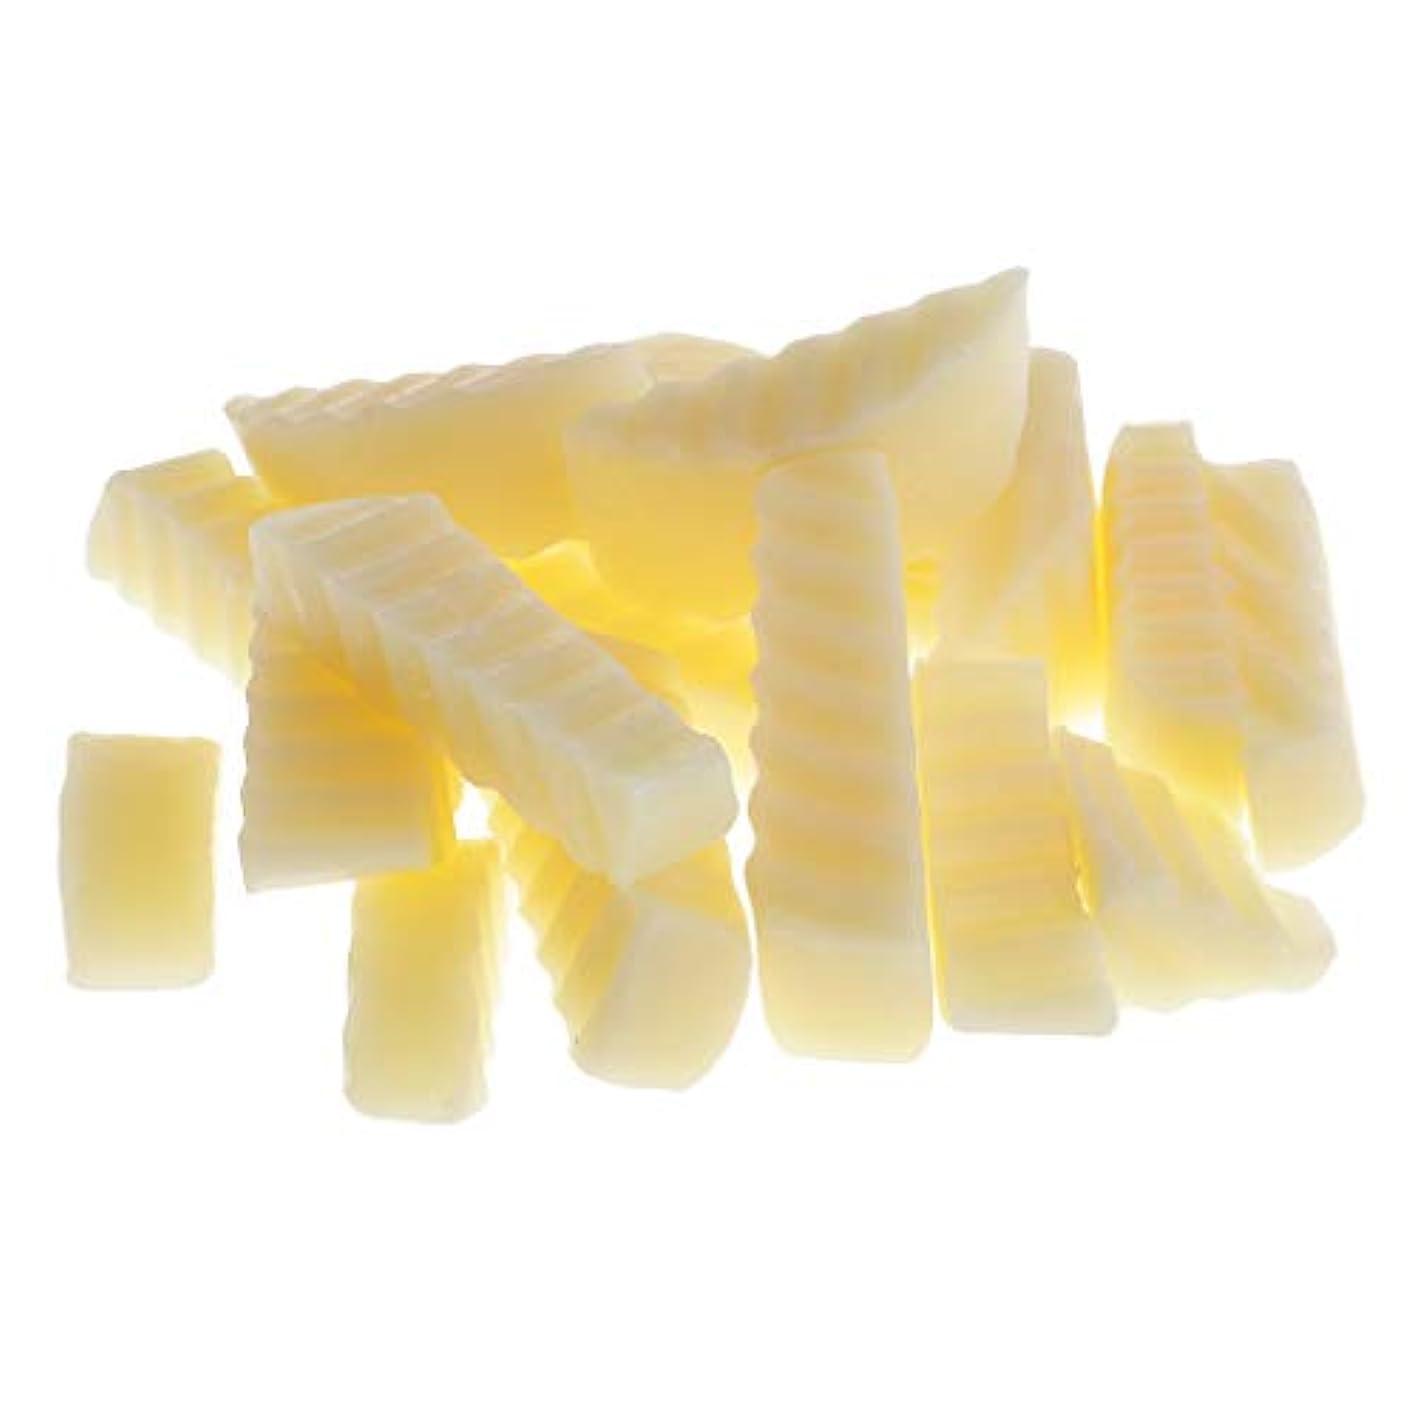 接尾辞解き明かす寝るPerfeclan 約250g /パック ラノリン石鹸 自然な素材 DIY手作り 石鹸 固形せっけん 使いやすい